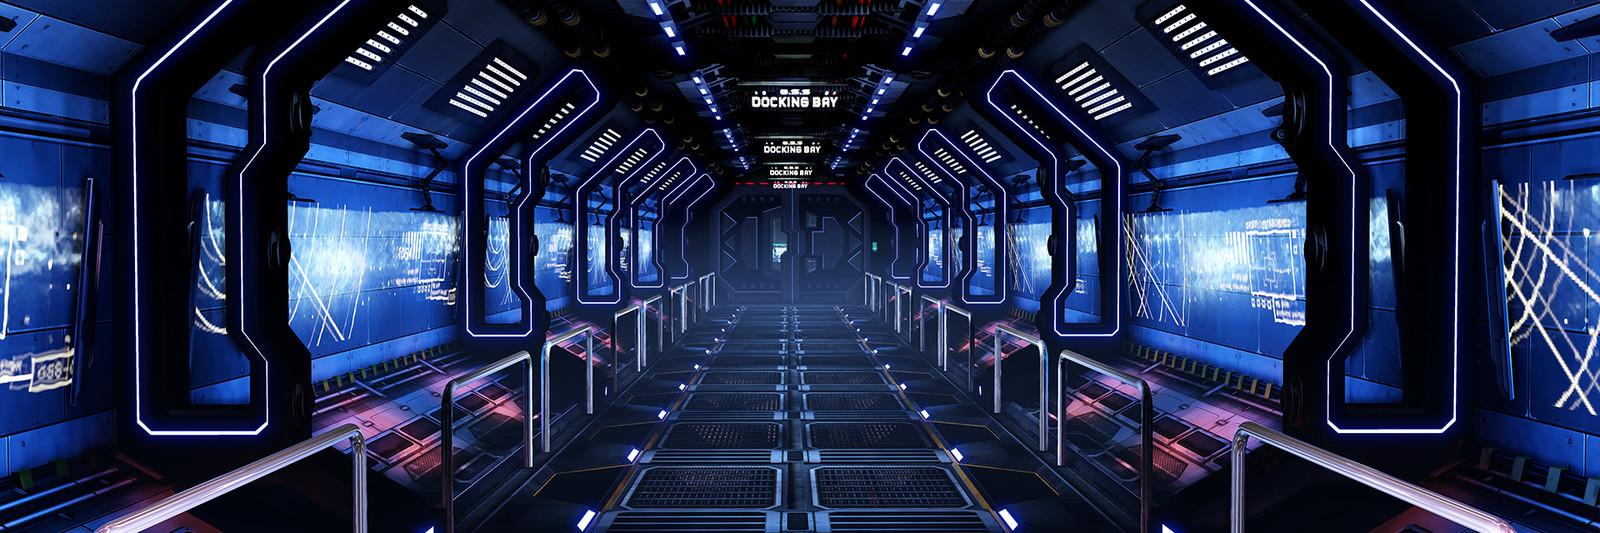 Genesis Space Station Corridor